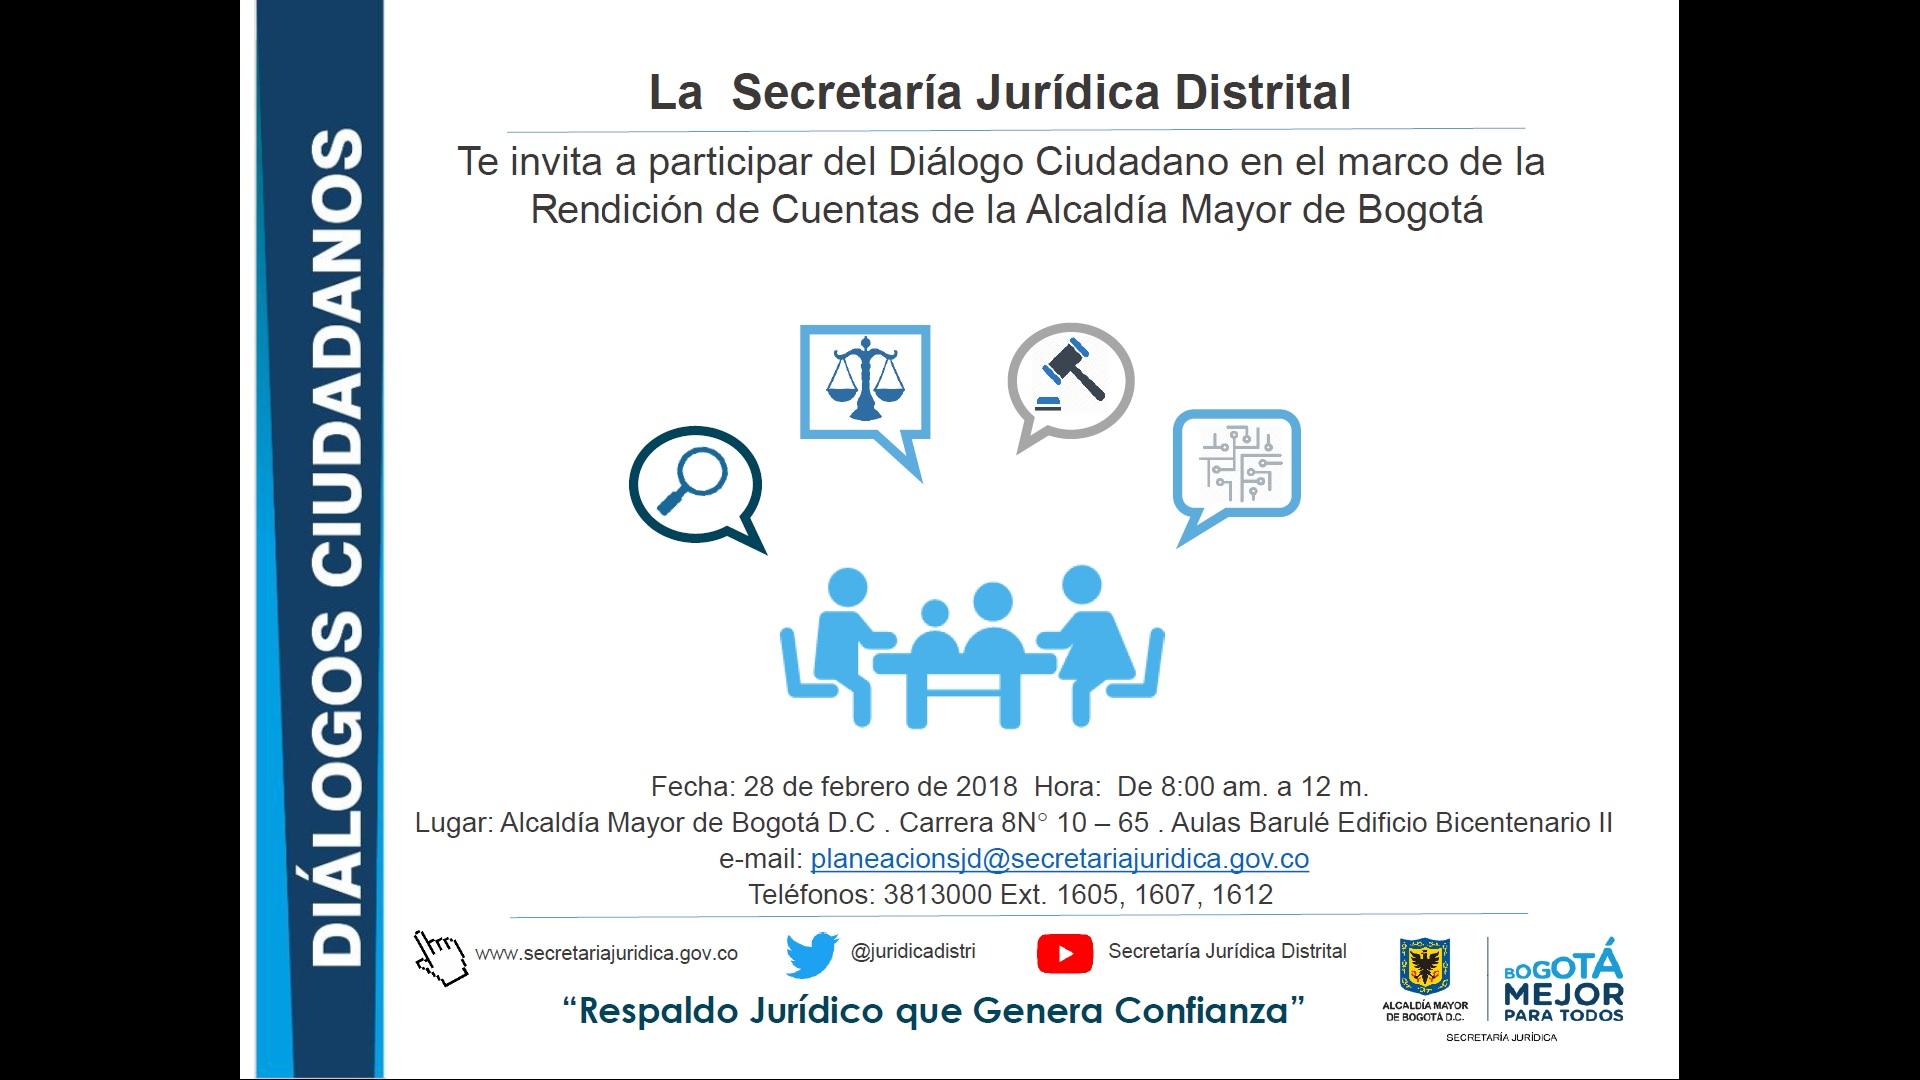 Diálogos Ciudadanos SJD   Secretaría Jurídica Distrital